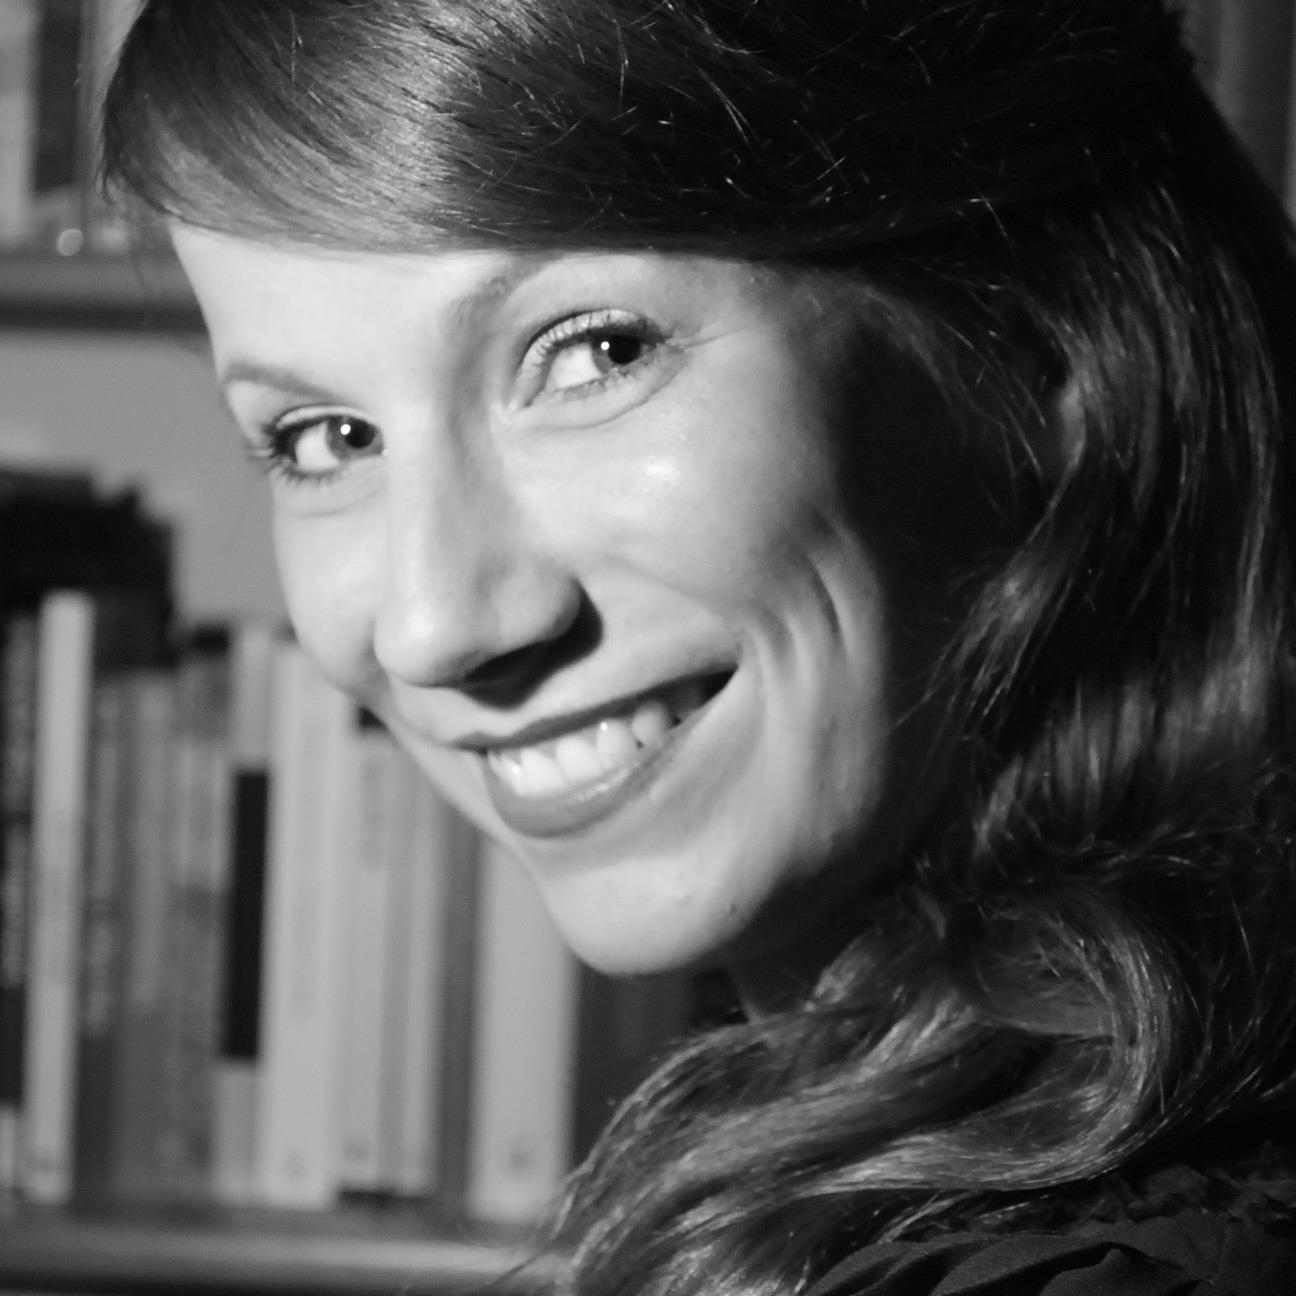 Anne-Kathrin Behl